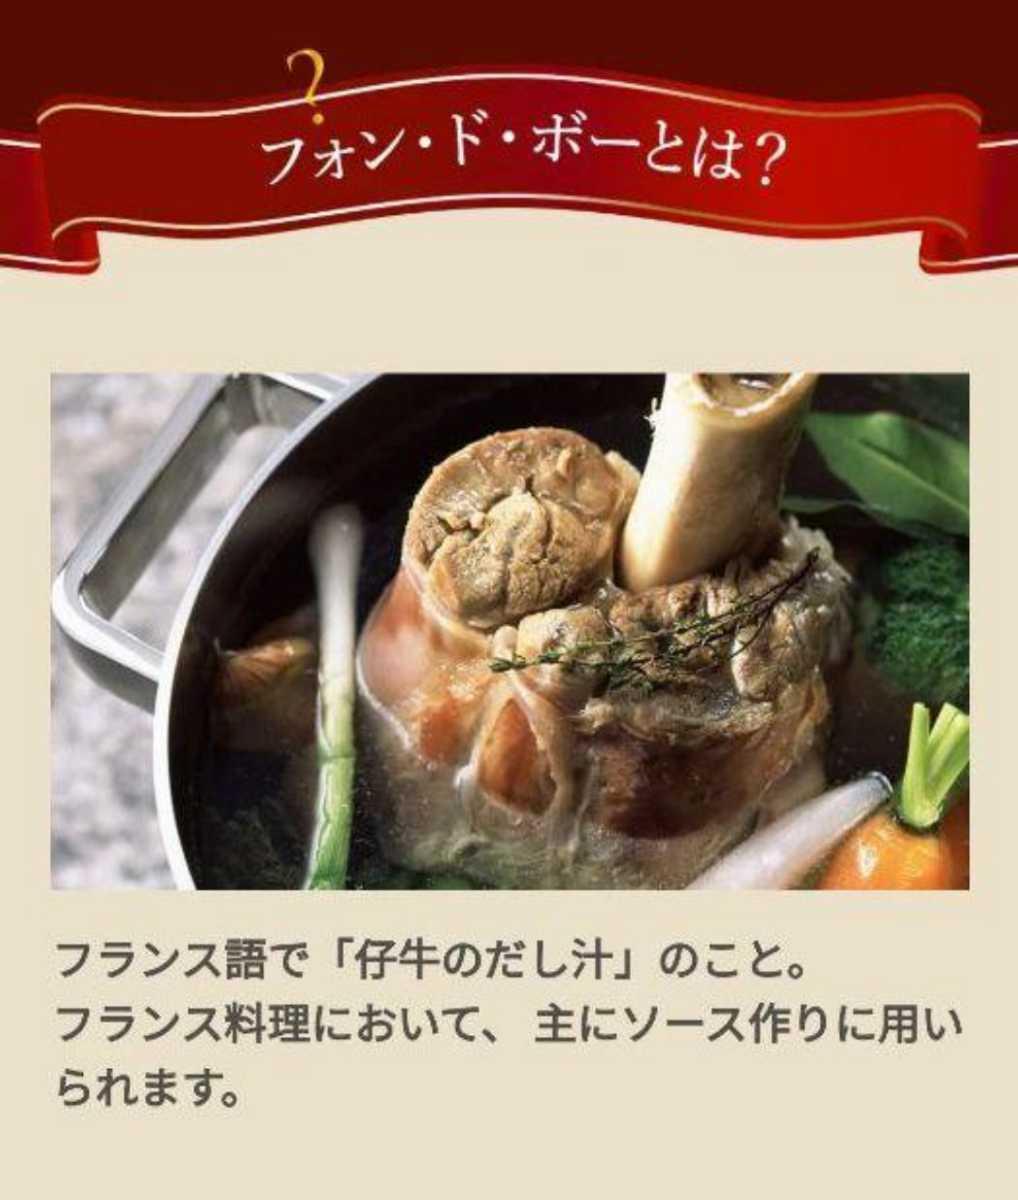 フォンドボー 100g×2 ハインツ ブイヨン コンソメ 調味料_画像2